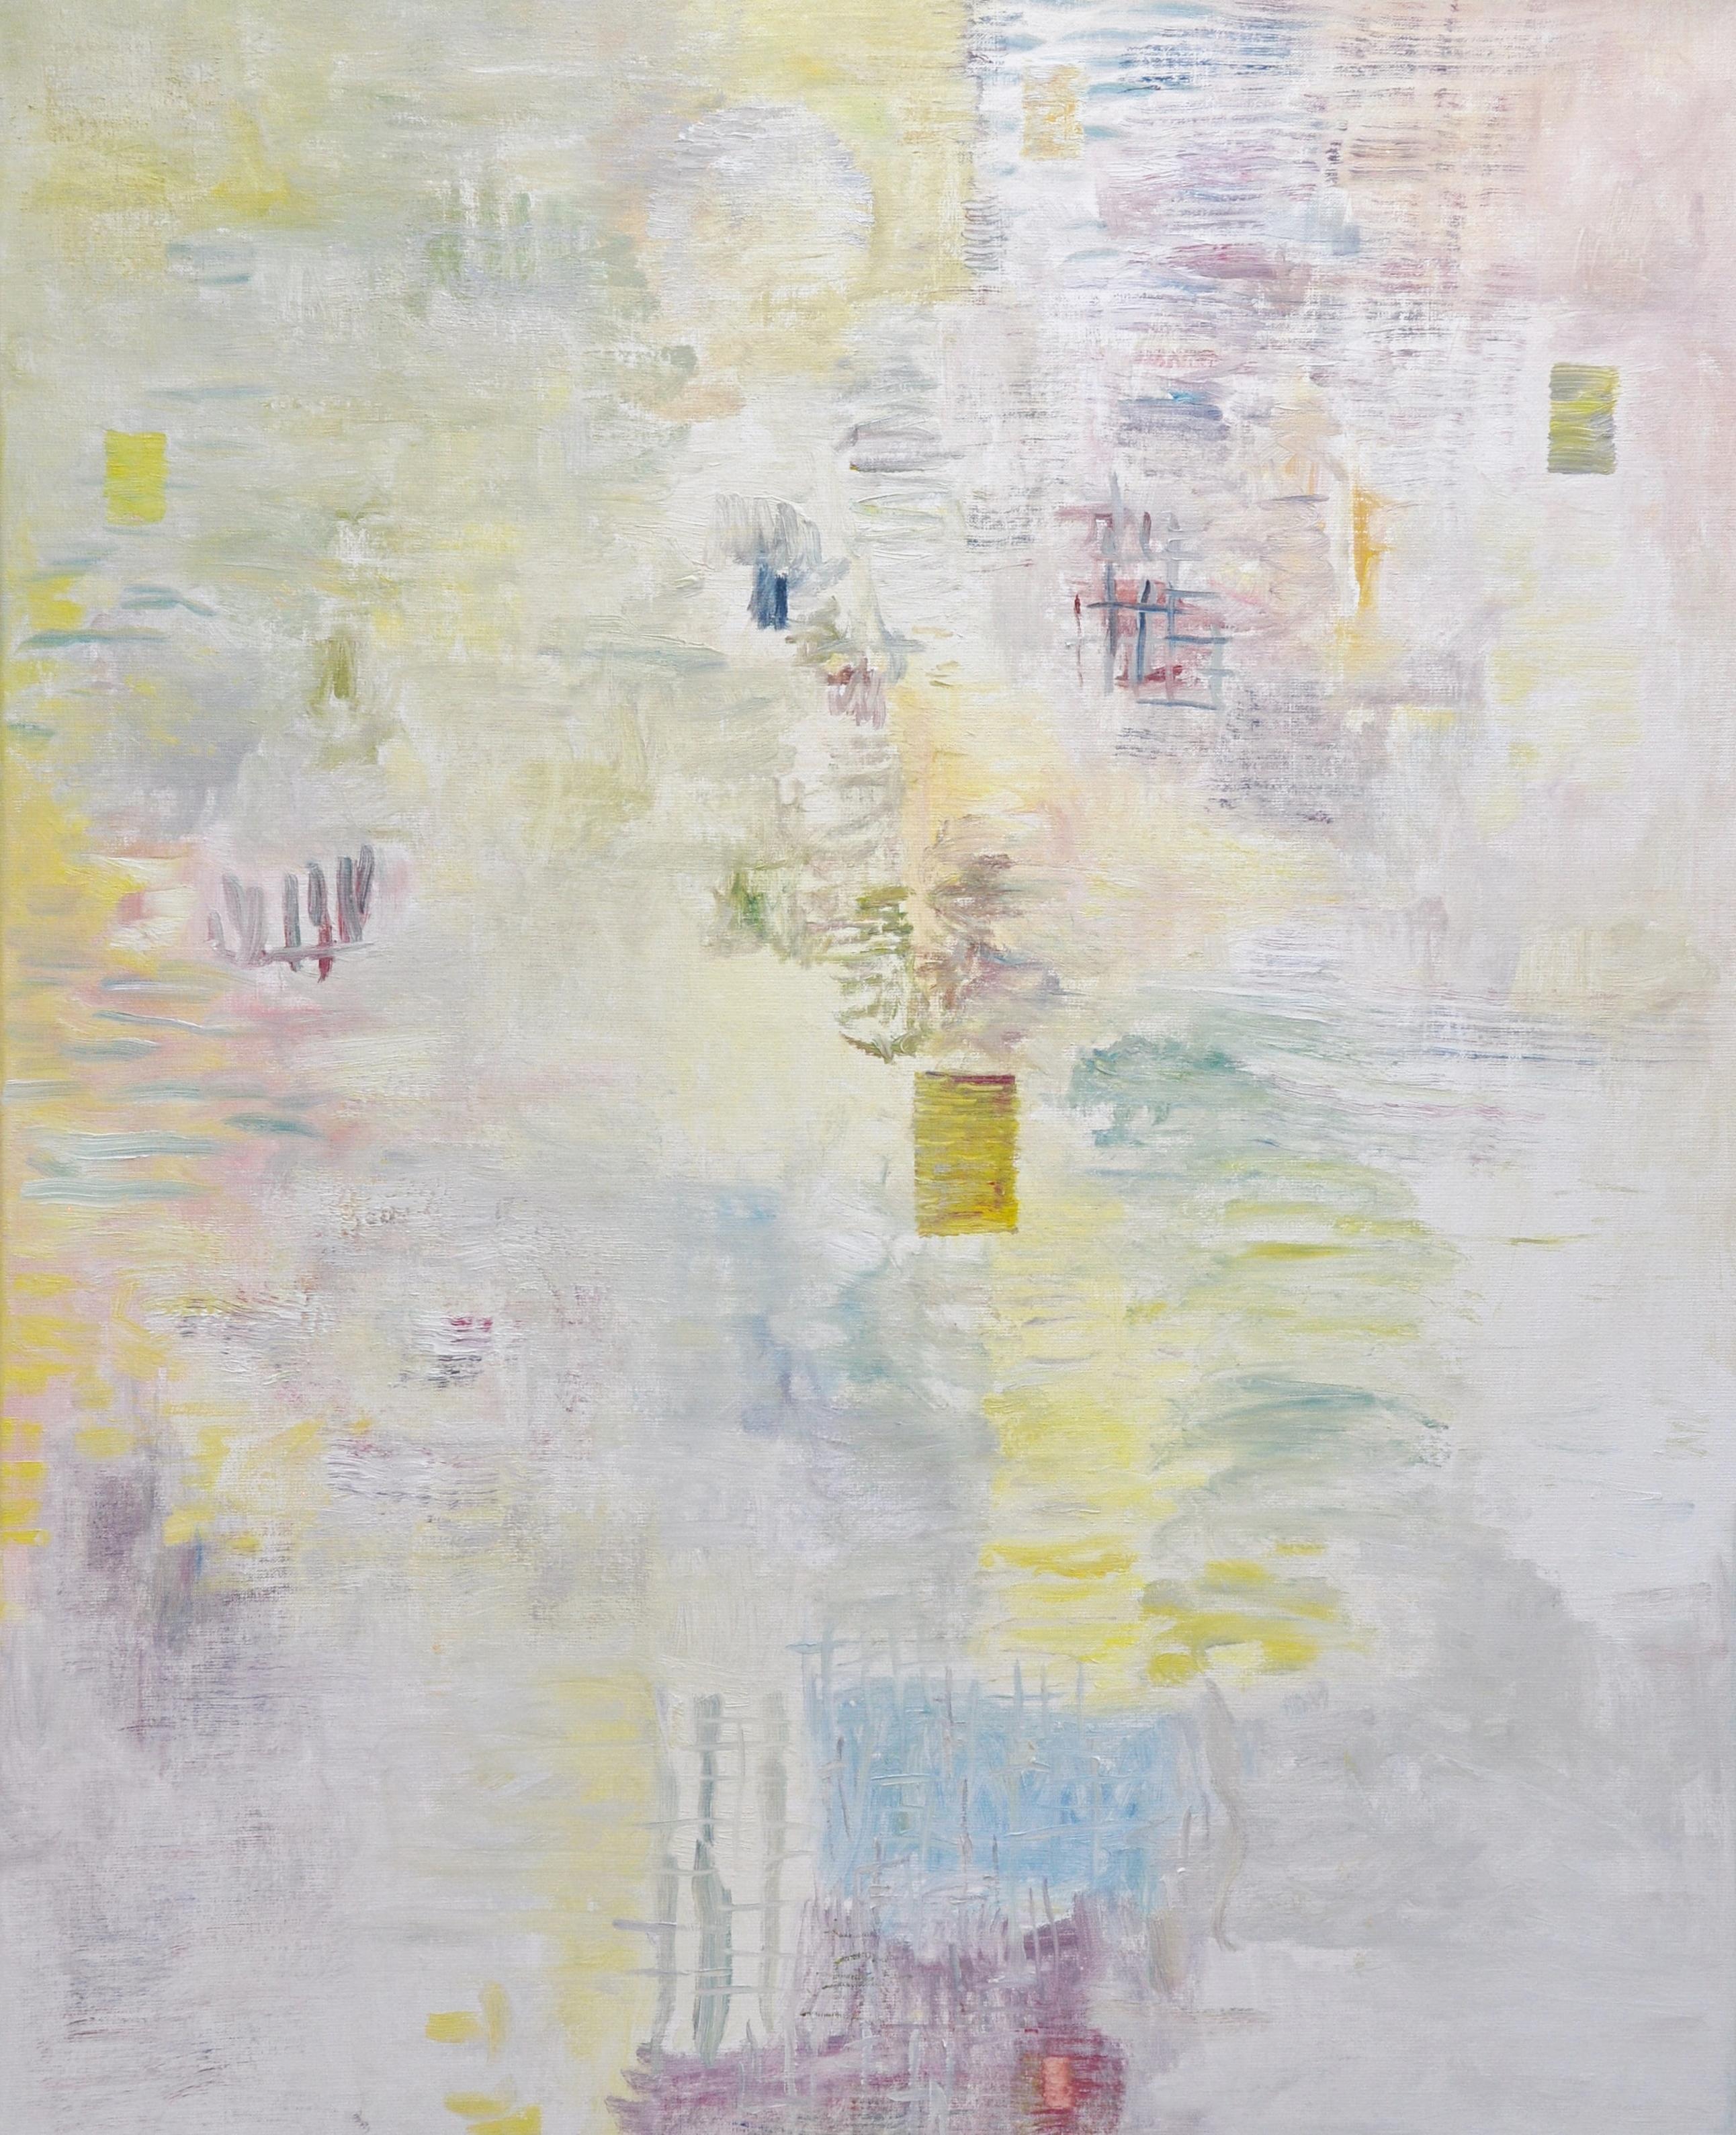 Vaalea, kuulas abstrakti maalaus. Siellä täällä himmeitä värejä: keltaista, punaista, sinistä. Sivellinjälkeä.